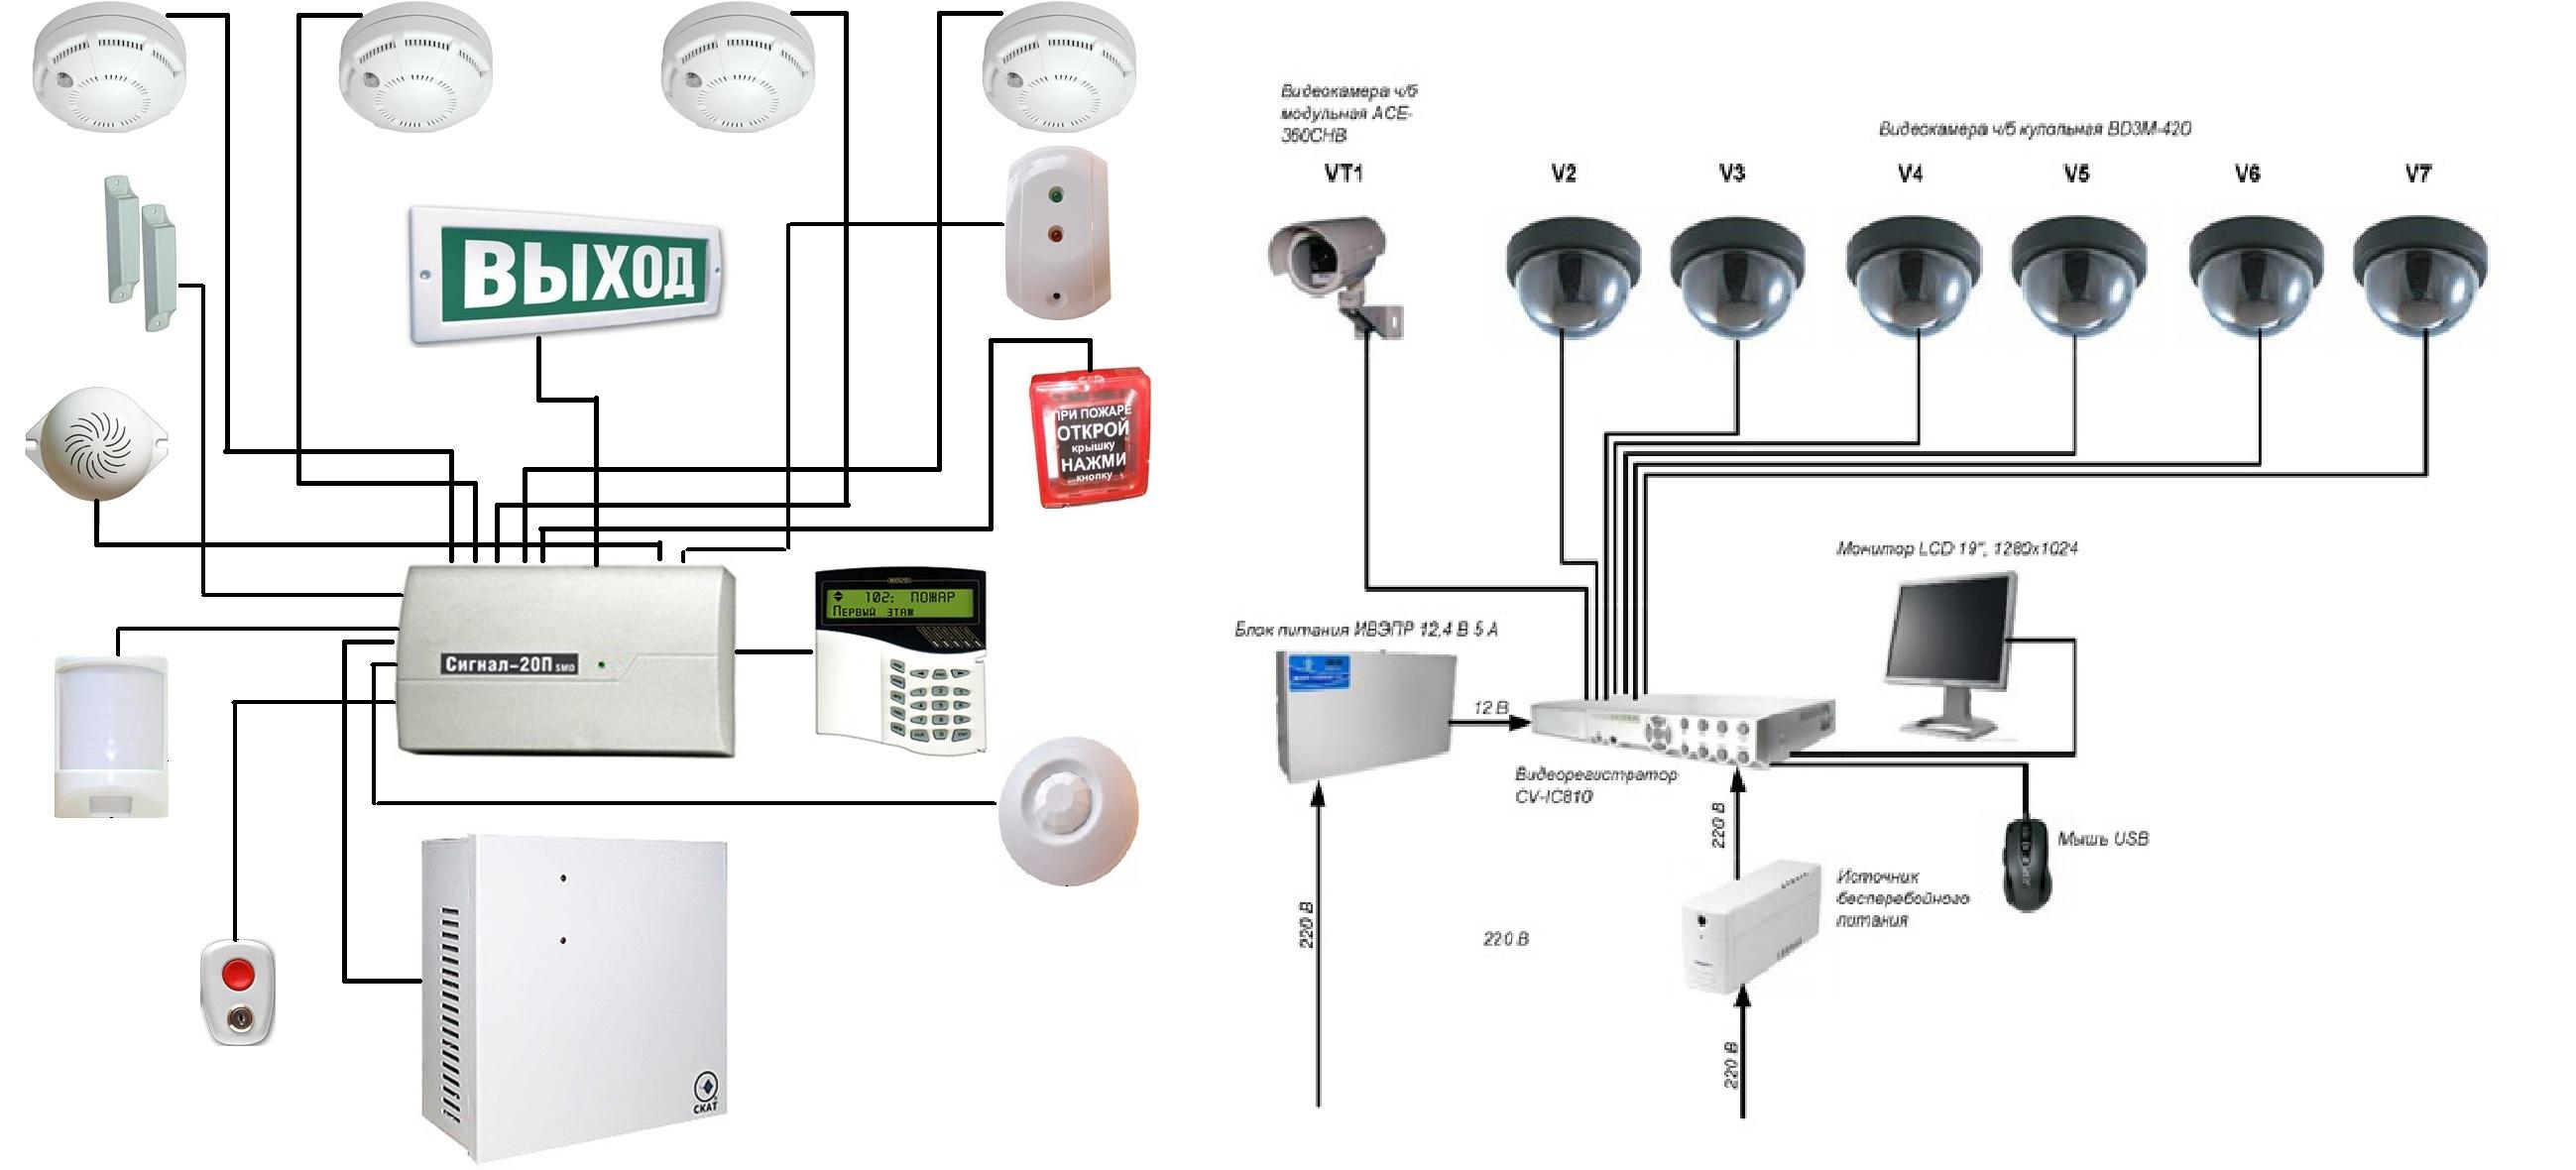 Монтаж пожарной сигнализации, установка системы под ключ в москве, расчет стоимости